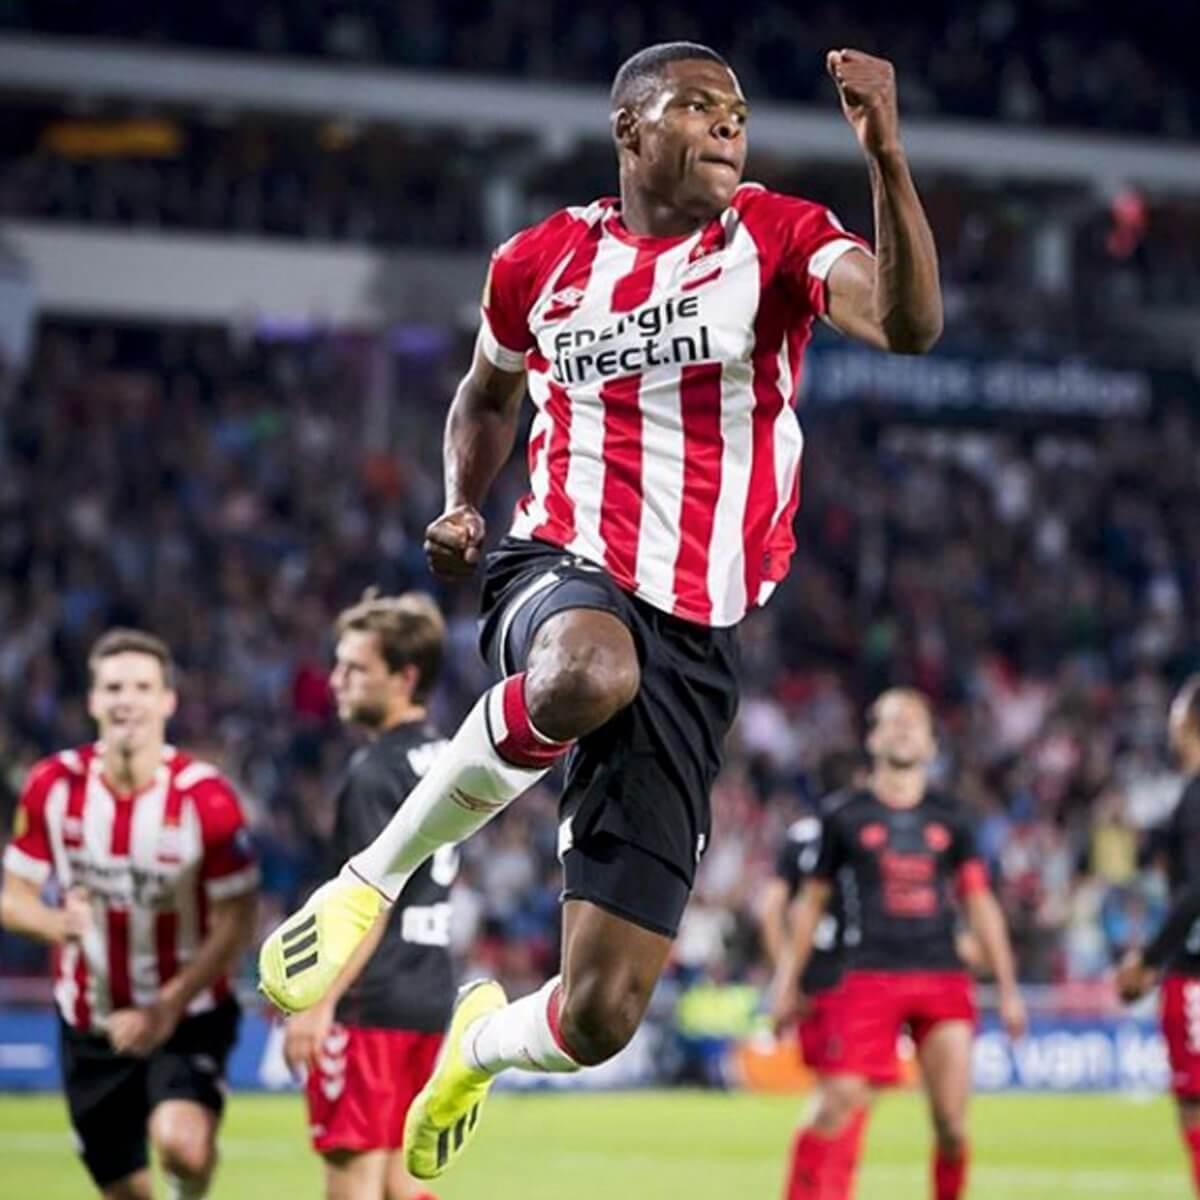 PSV a exclus un jucător de la antrenamente. A participat la un protest antirasism